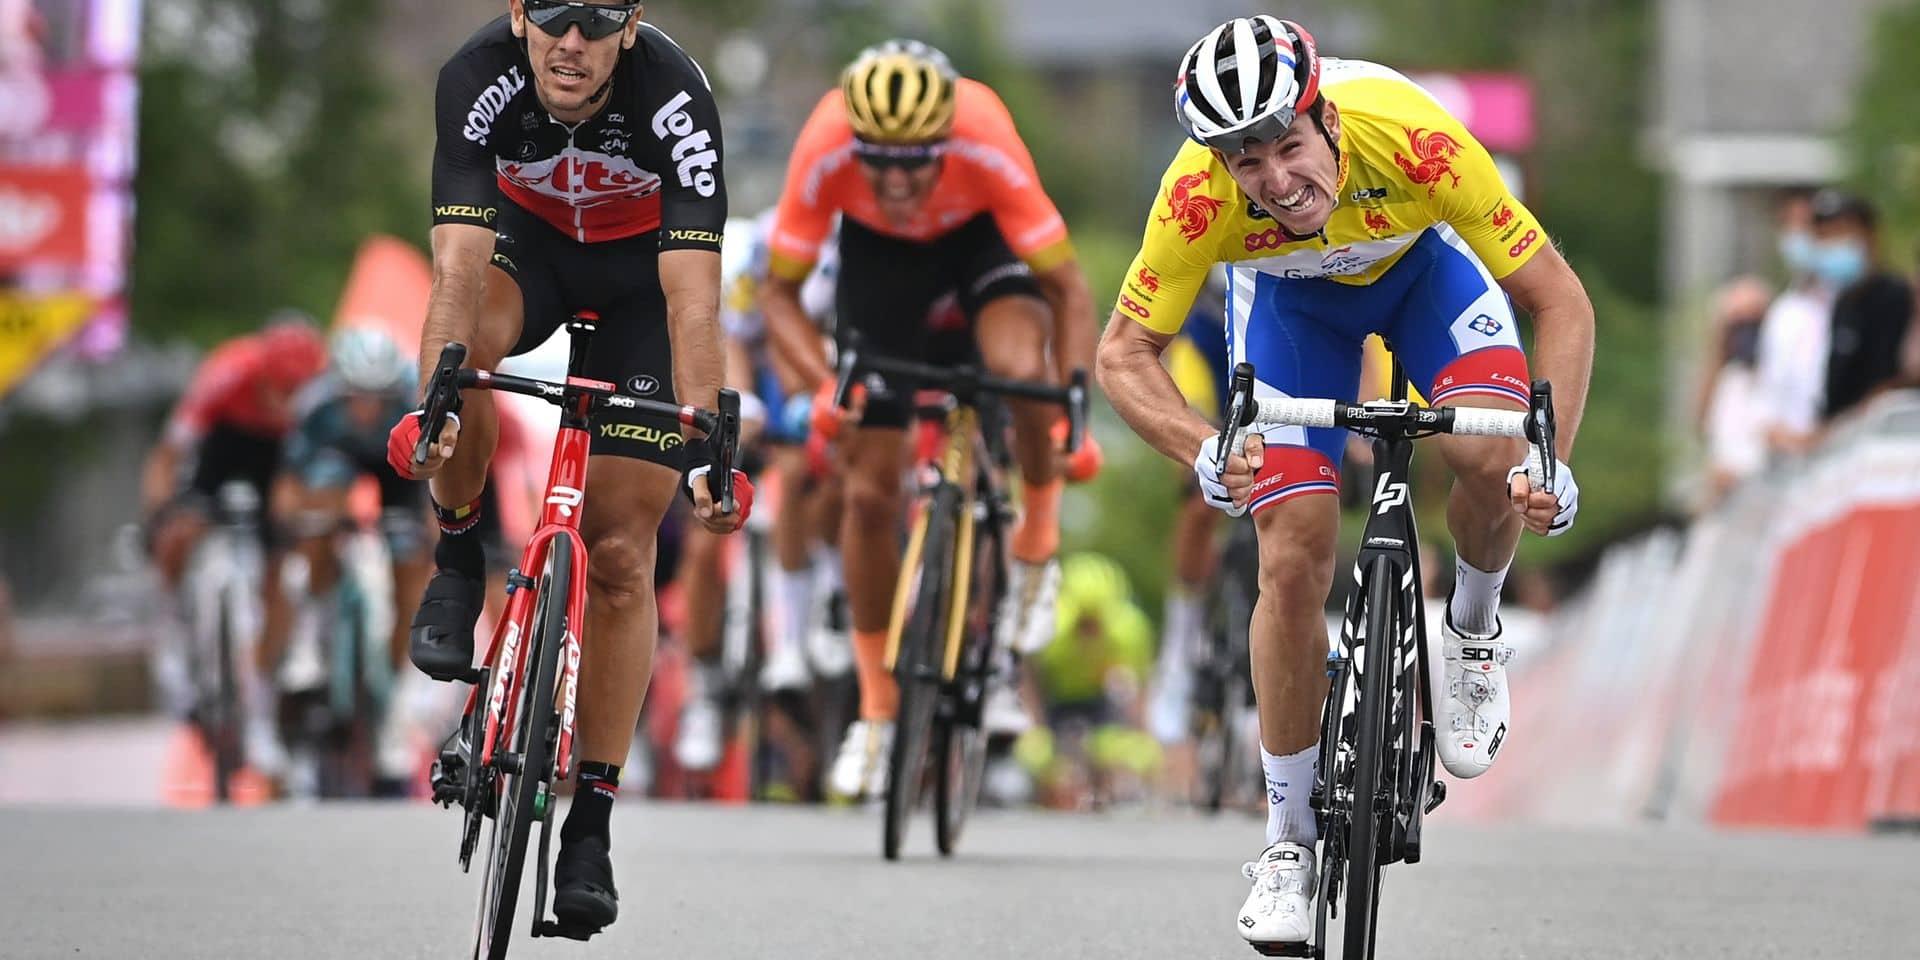 """Philippe Gilbert après sa 2e place sur la dernière étape du Tour de Wallonie: """"Frustrant d'échouer si près"""""""